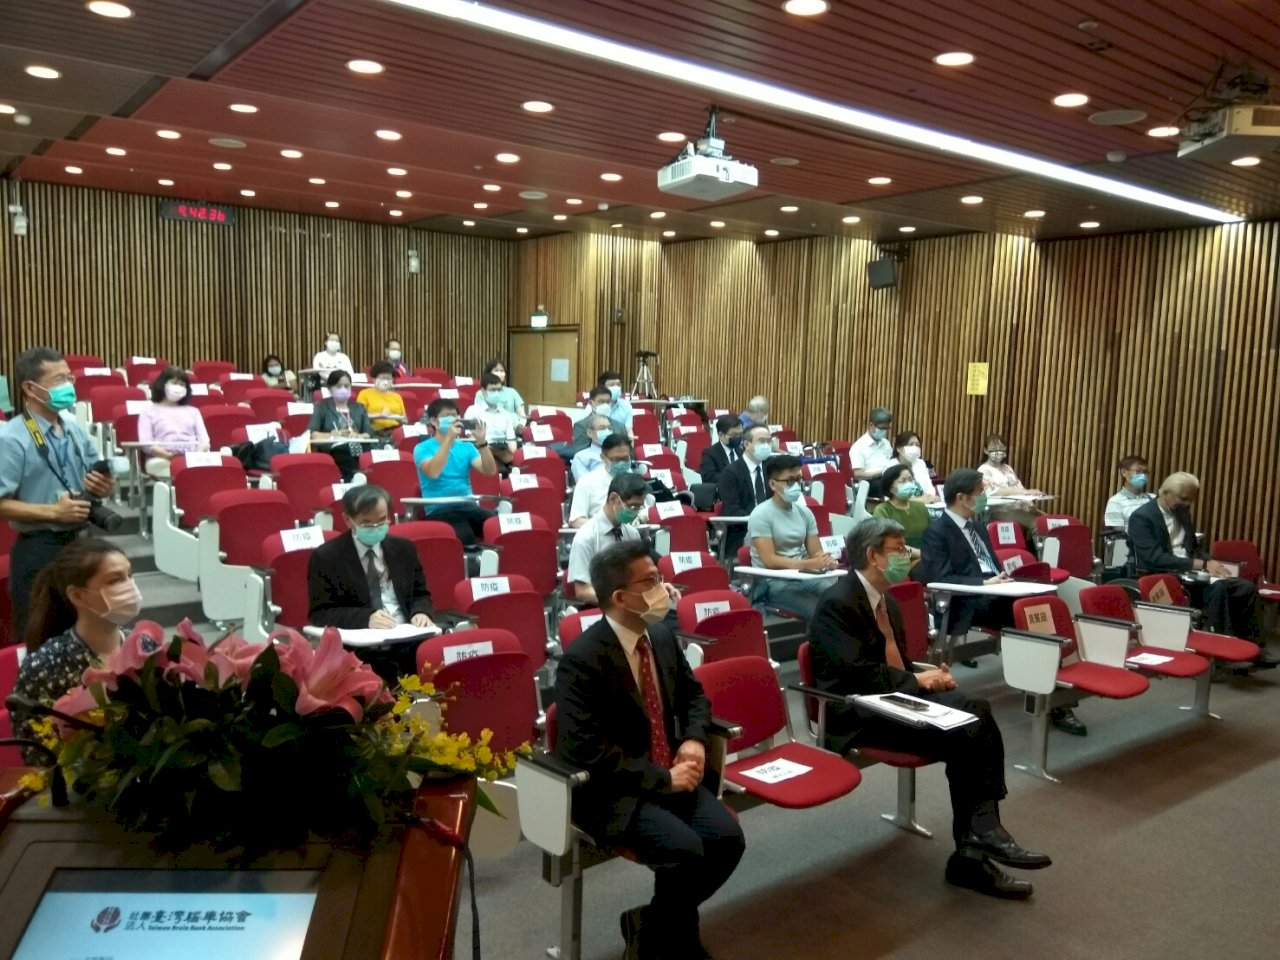 「臺灣腦庫協會」成立 陳建仁期許幫助病友、照顧國人腦健康